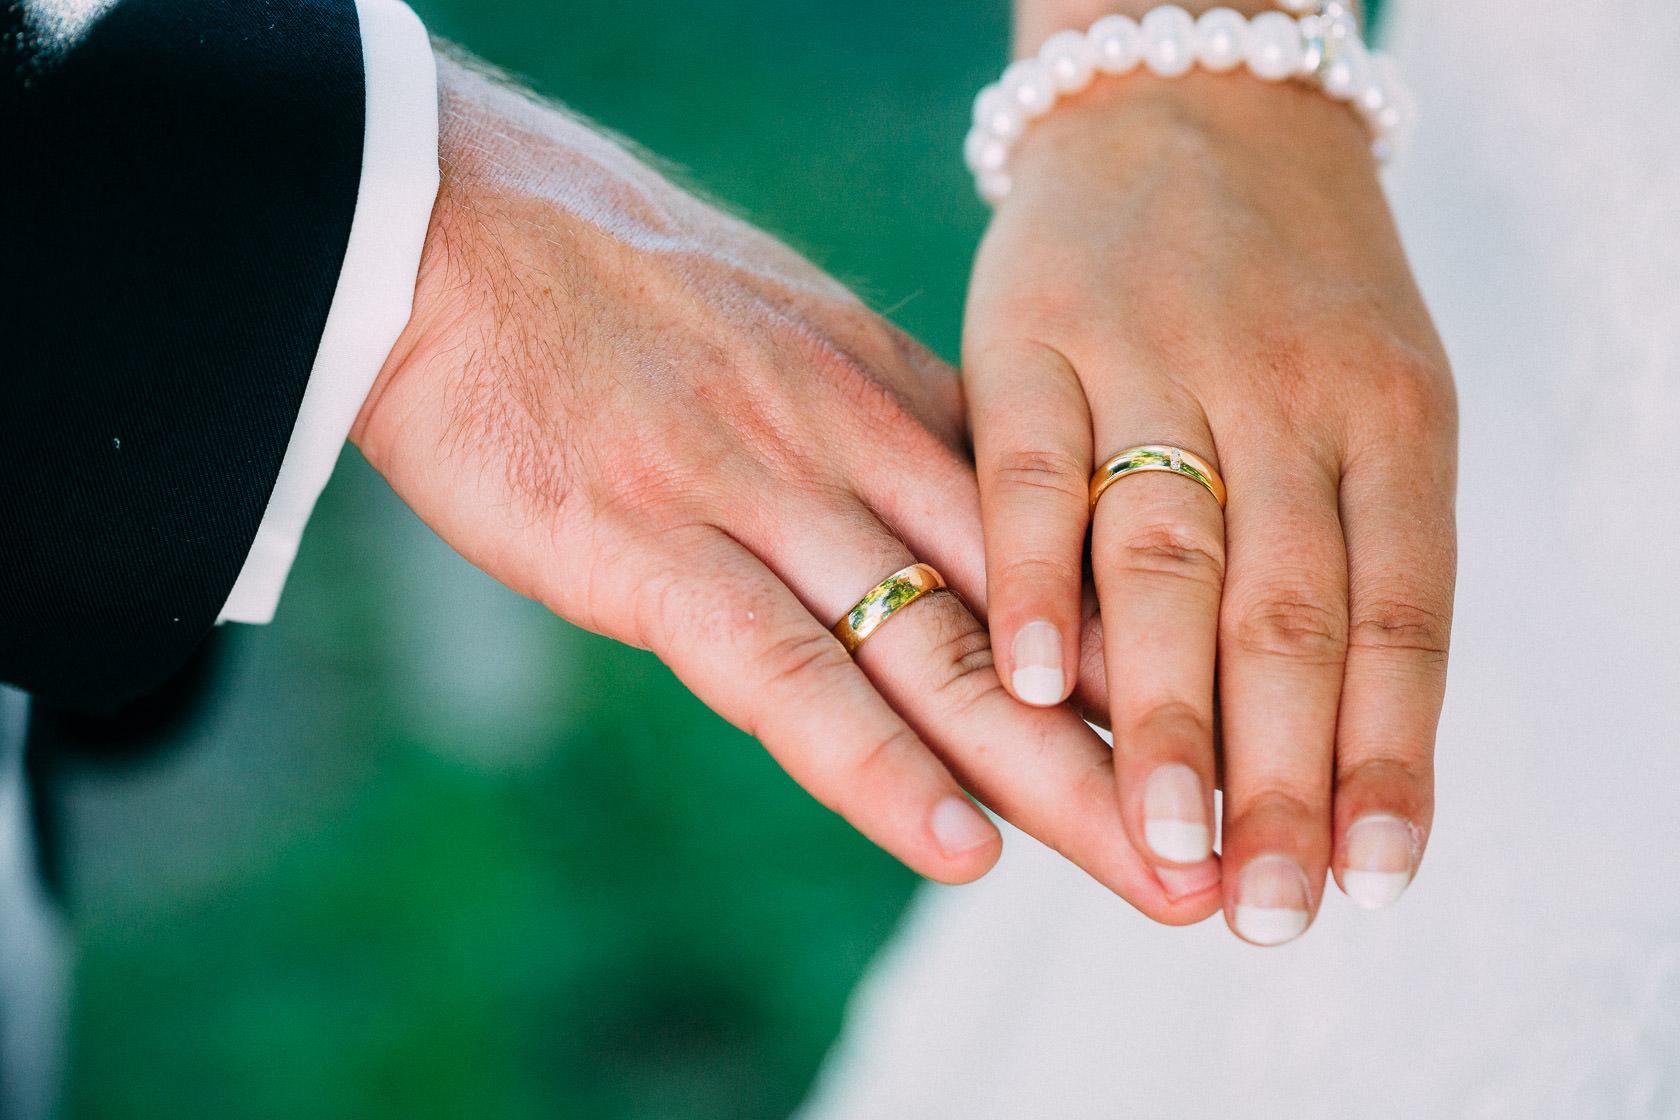 Blauweiße Hochzeit in Bad Kreuznach Paarfotos im Kurpark Details Bräutigam Blumenschmuck und Ringe